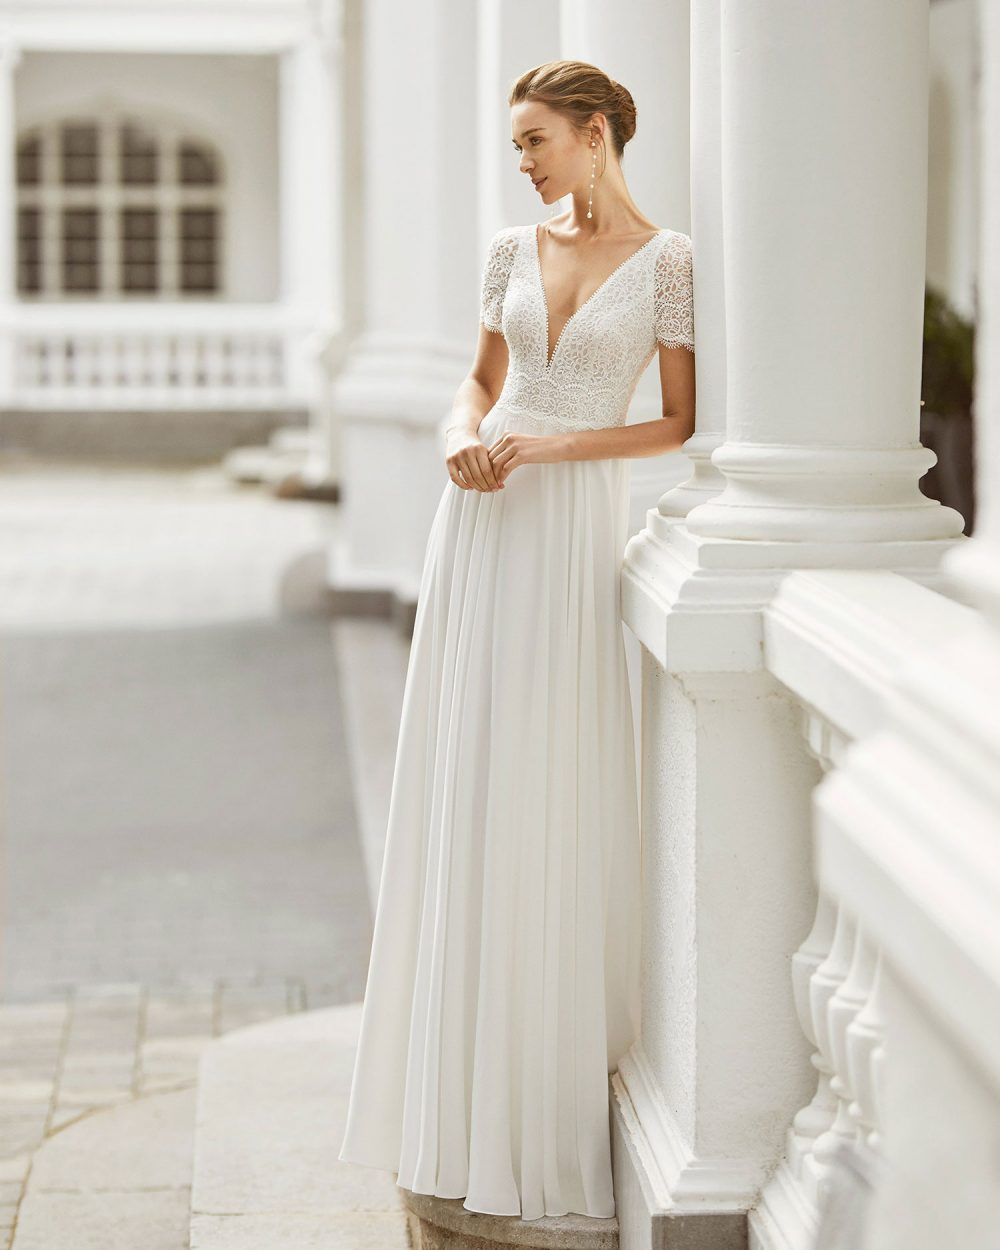 Rosa Clarà 2022 abito vestito sposa Vicenza SADY